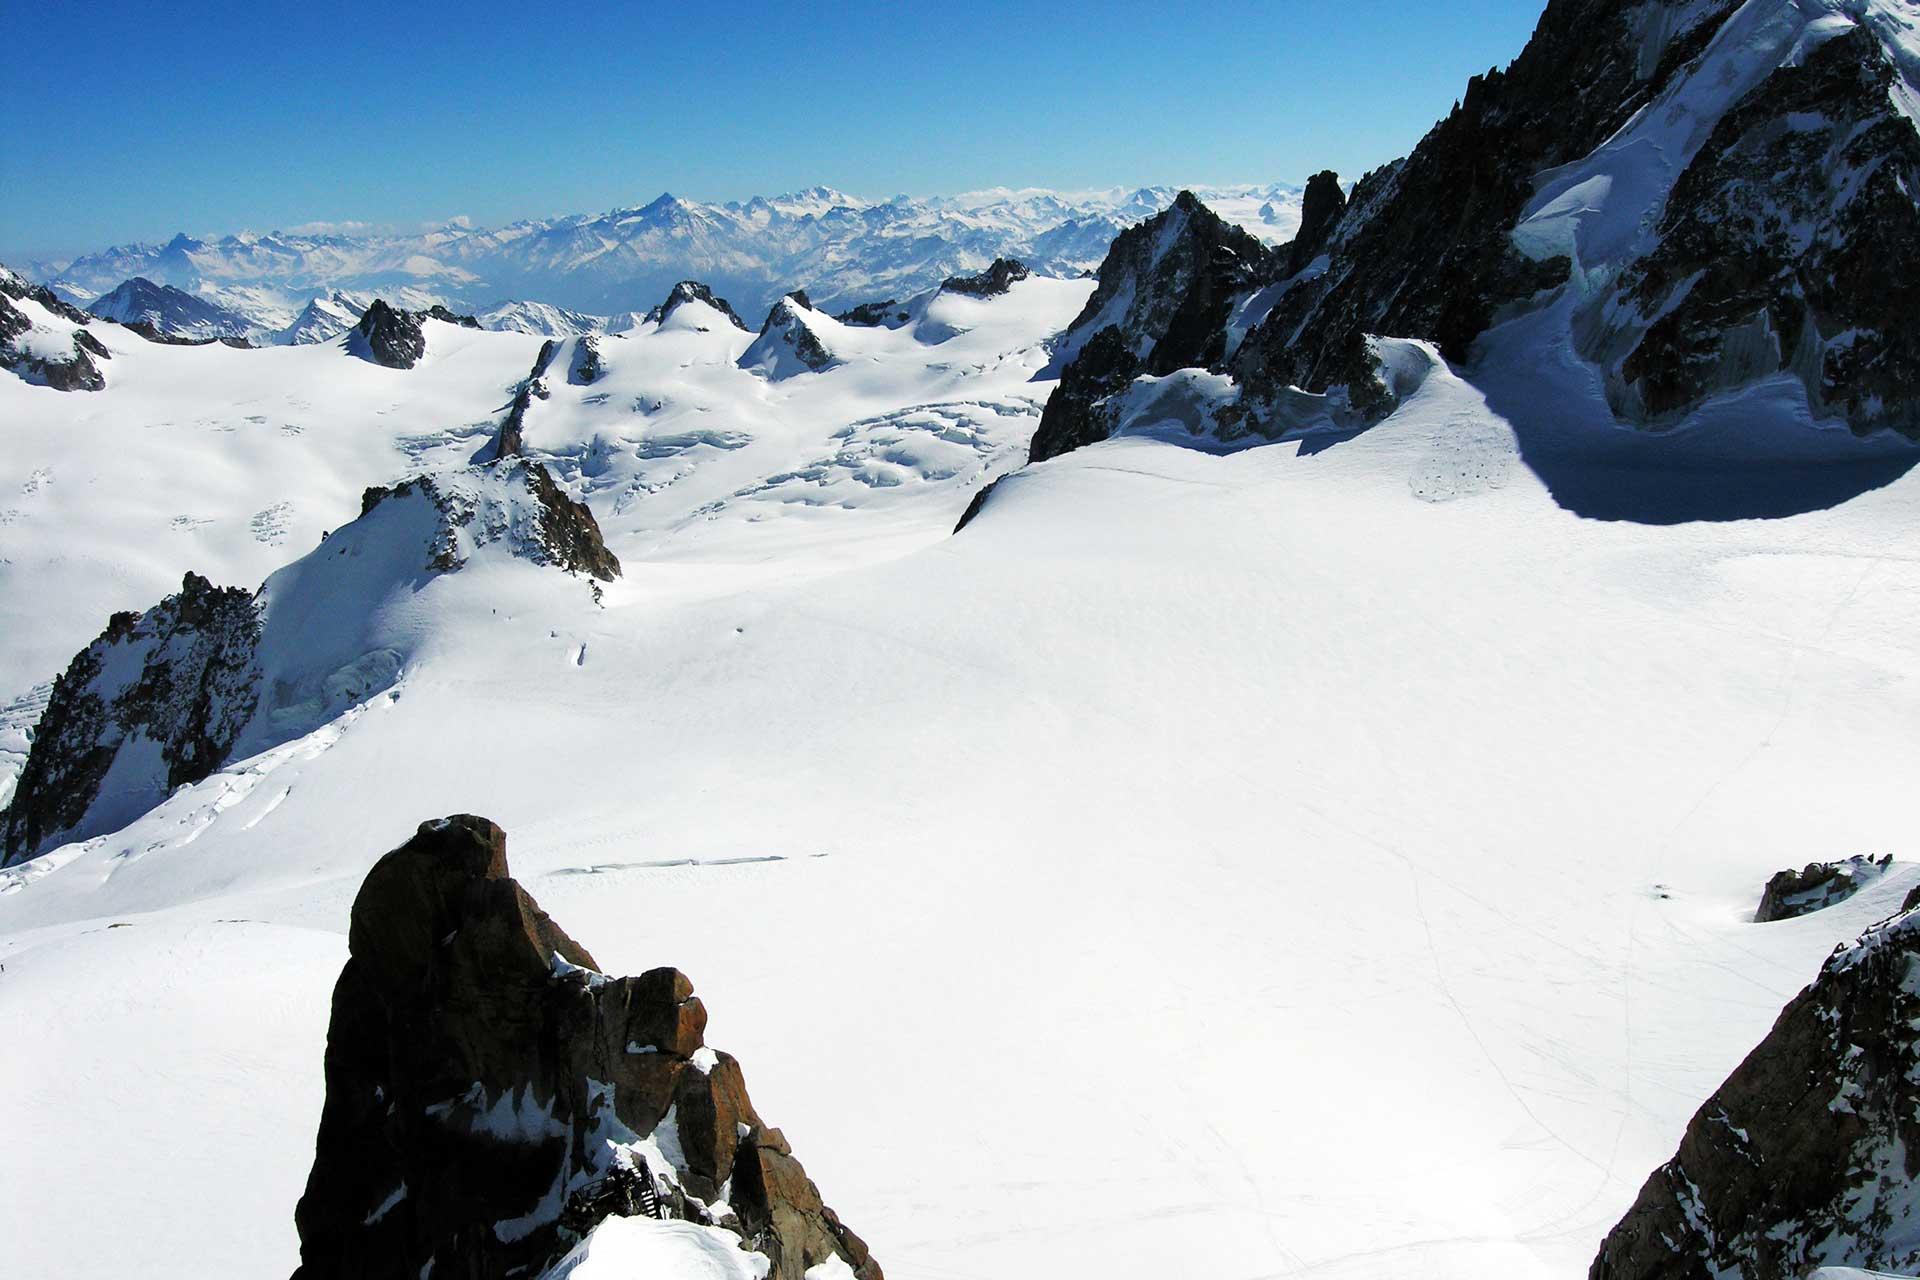 Aiguille du Midi / Chamonix-Mont-Blanc / France